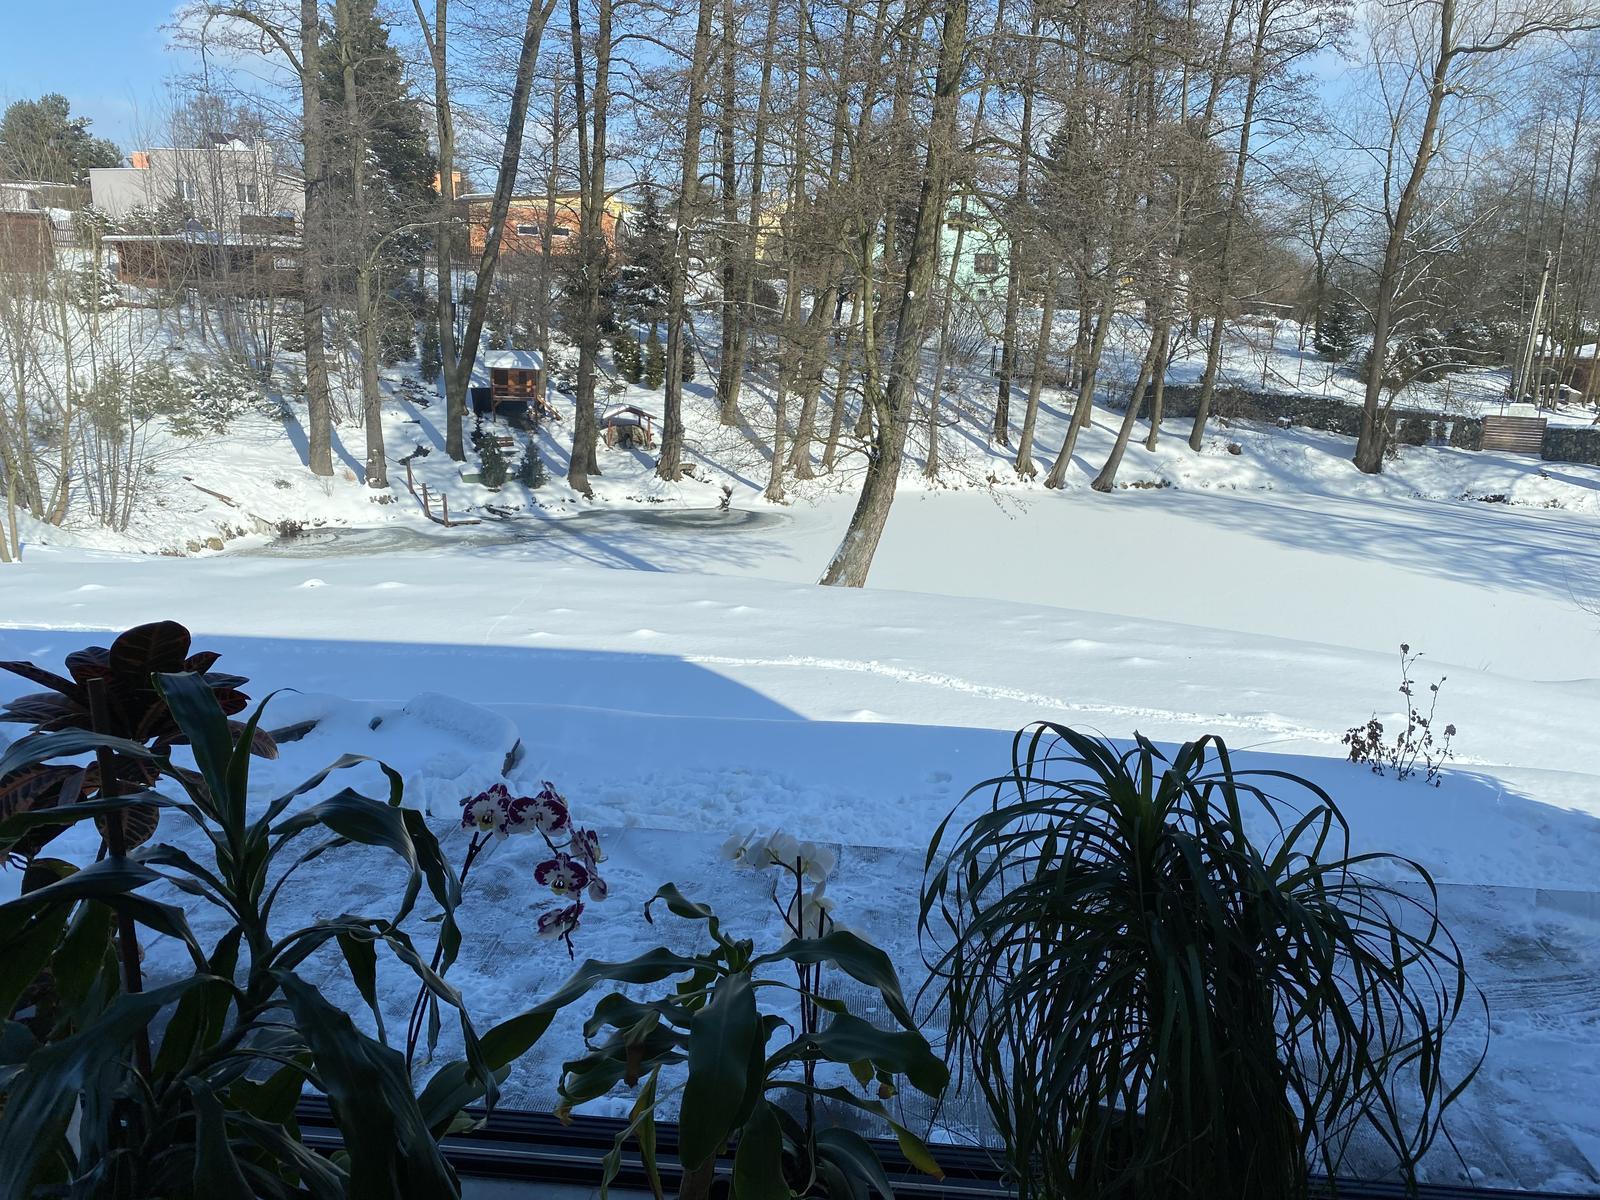 Zahrada u rybníčku - Ten výhled neomrzí ani v zimě 🖤